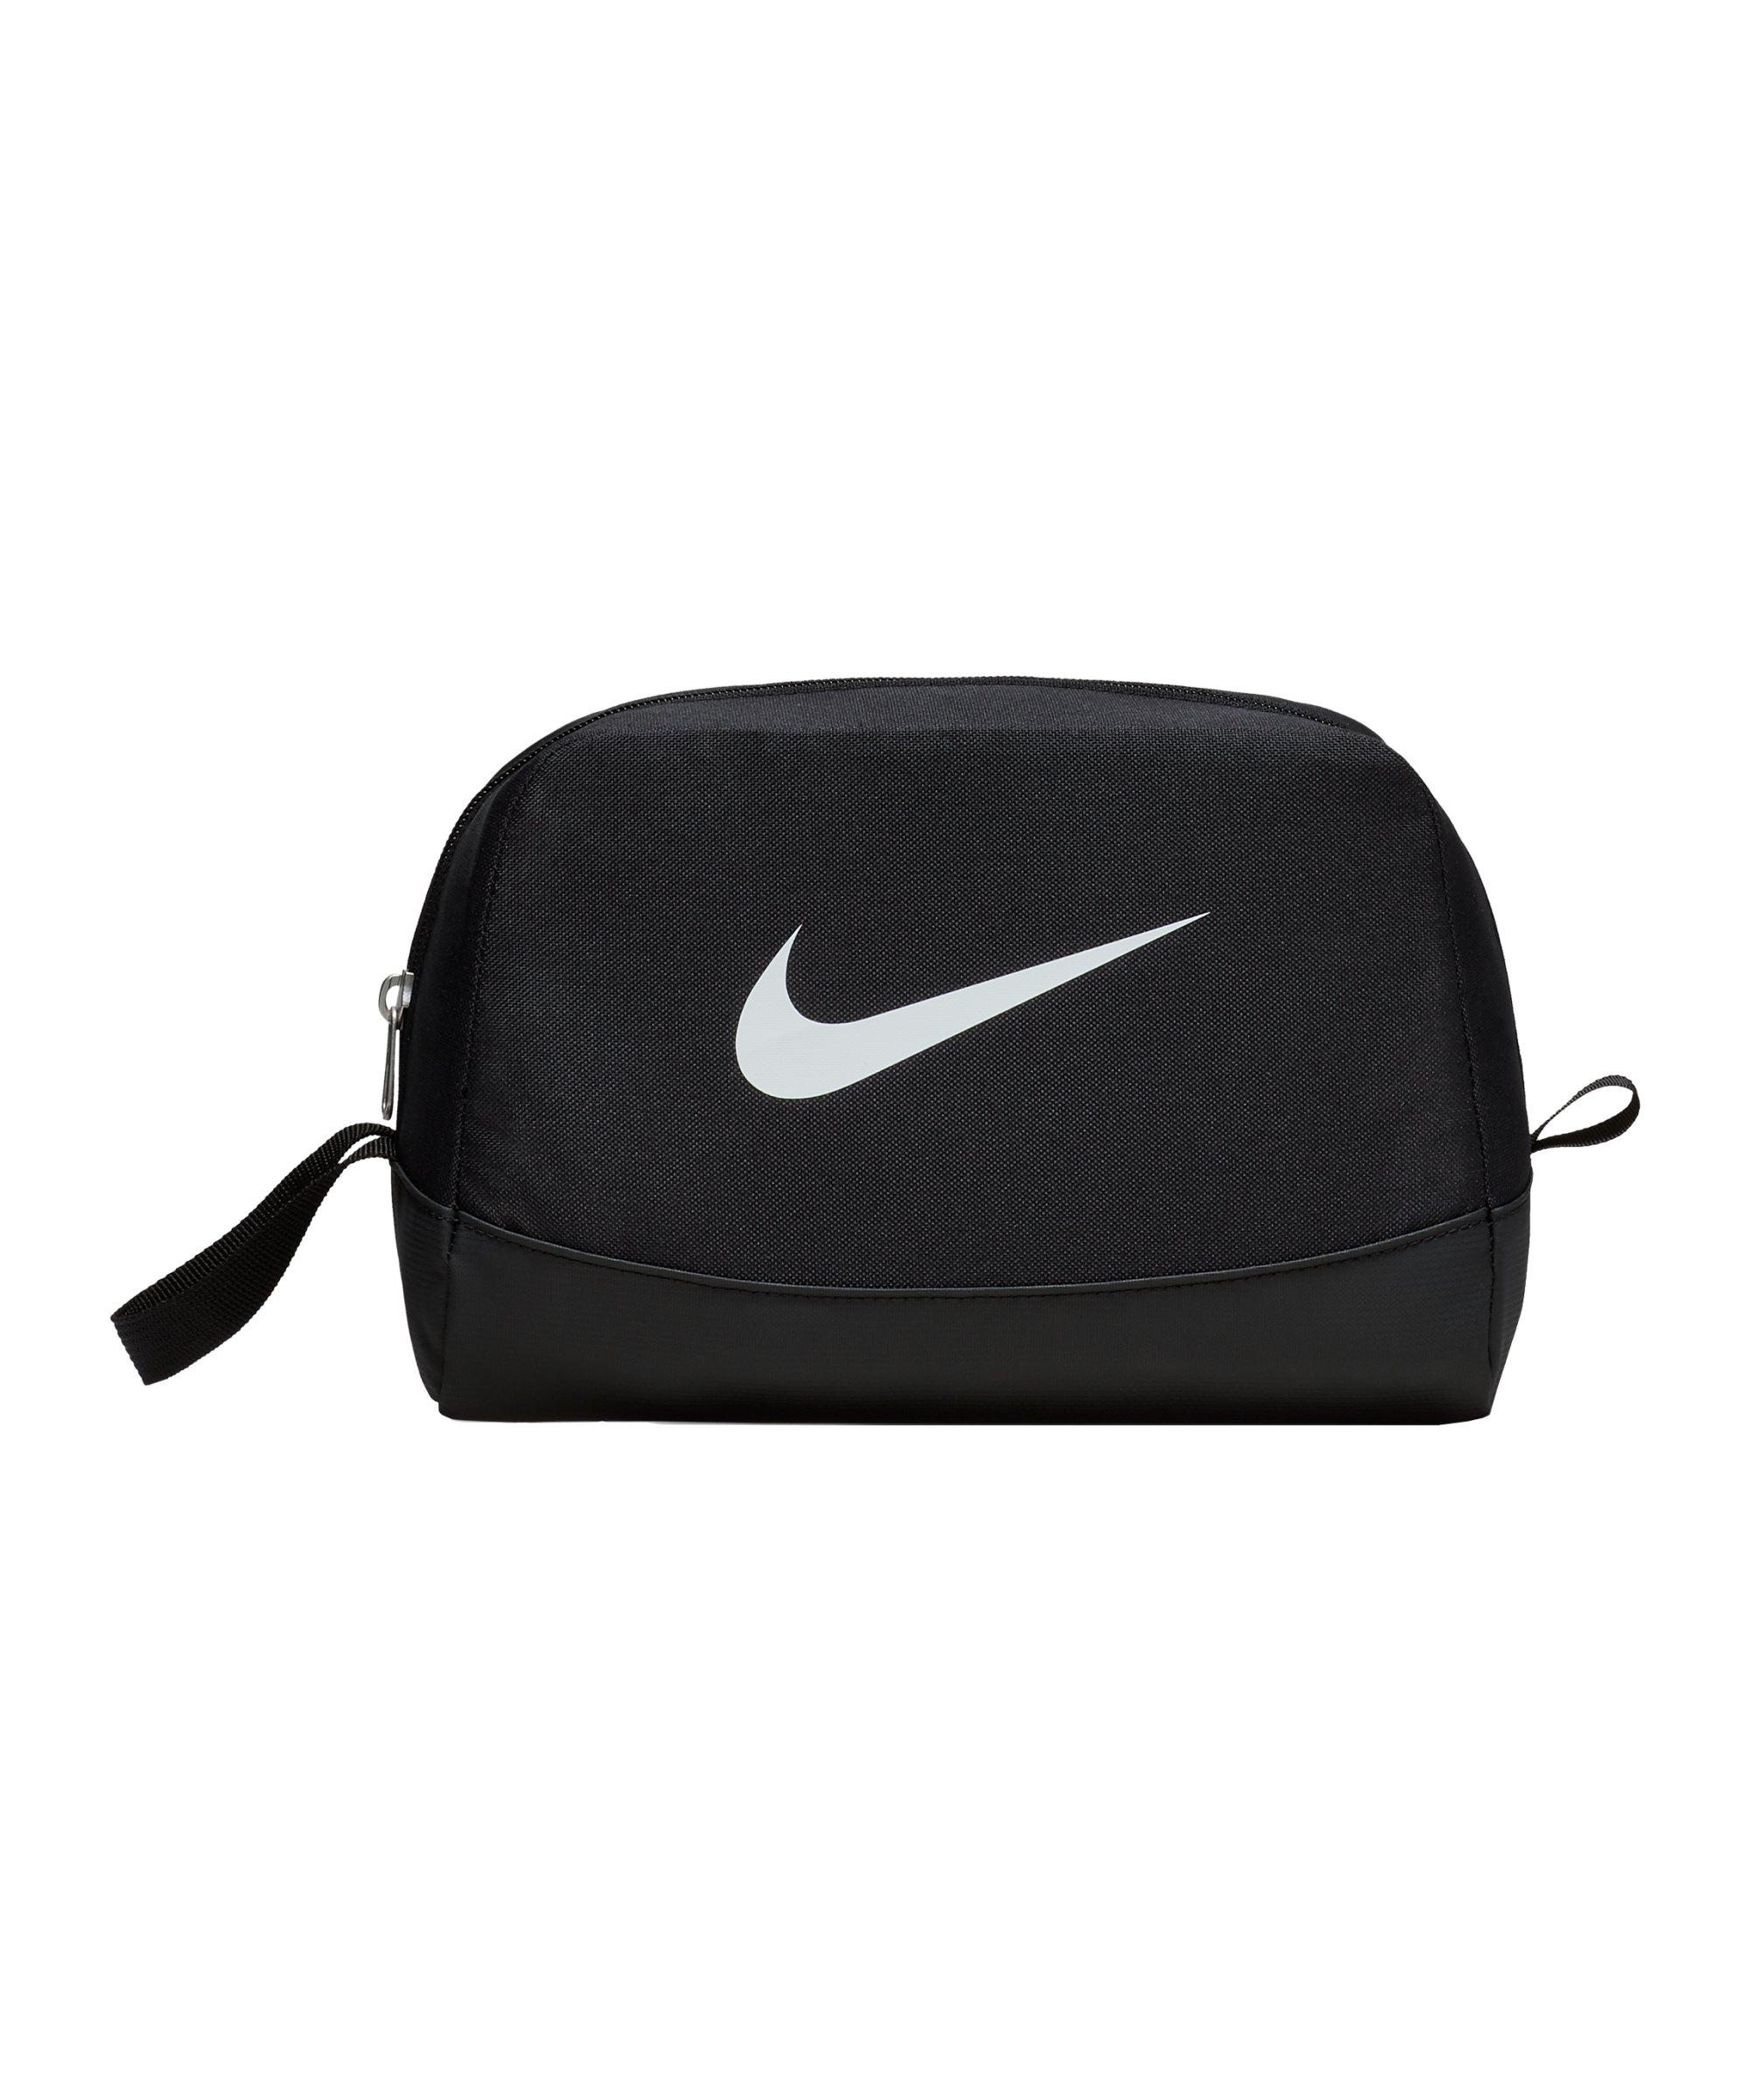 f77fe94019af3 Nike Club Team Swoosh Toiletry Bag Tasche F010 - schwarz